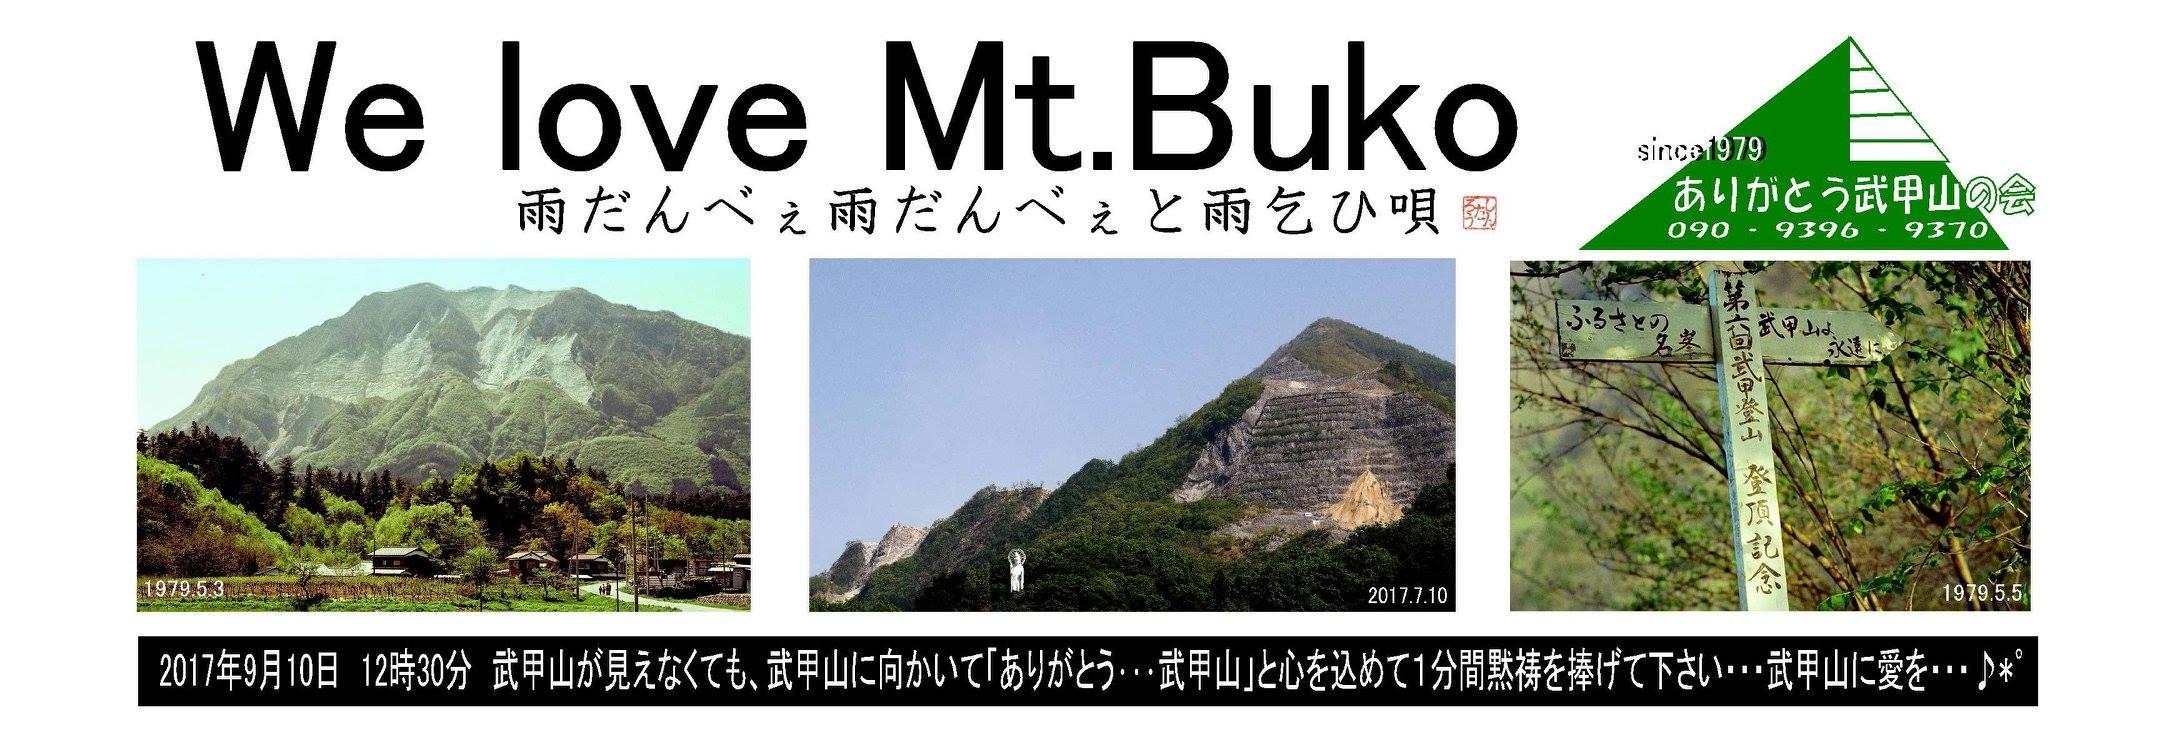 あ武甲山ステッカー2017